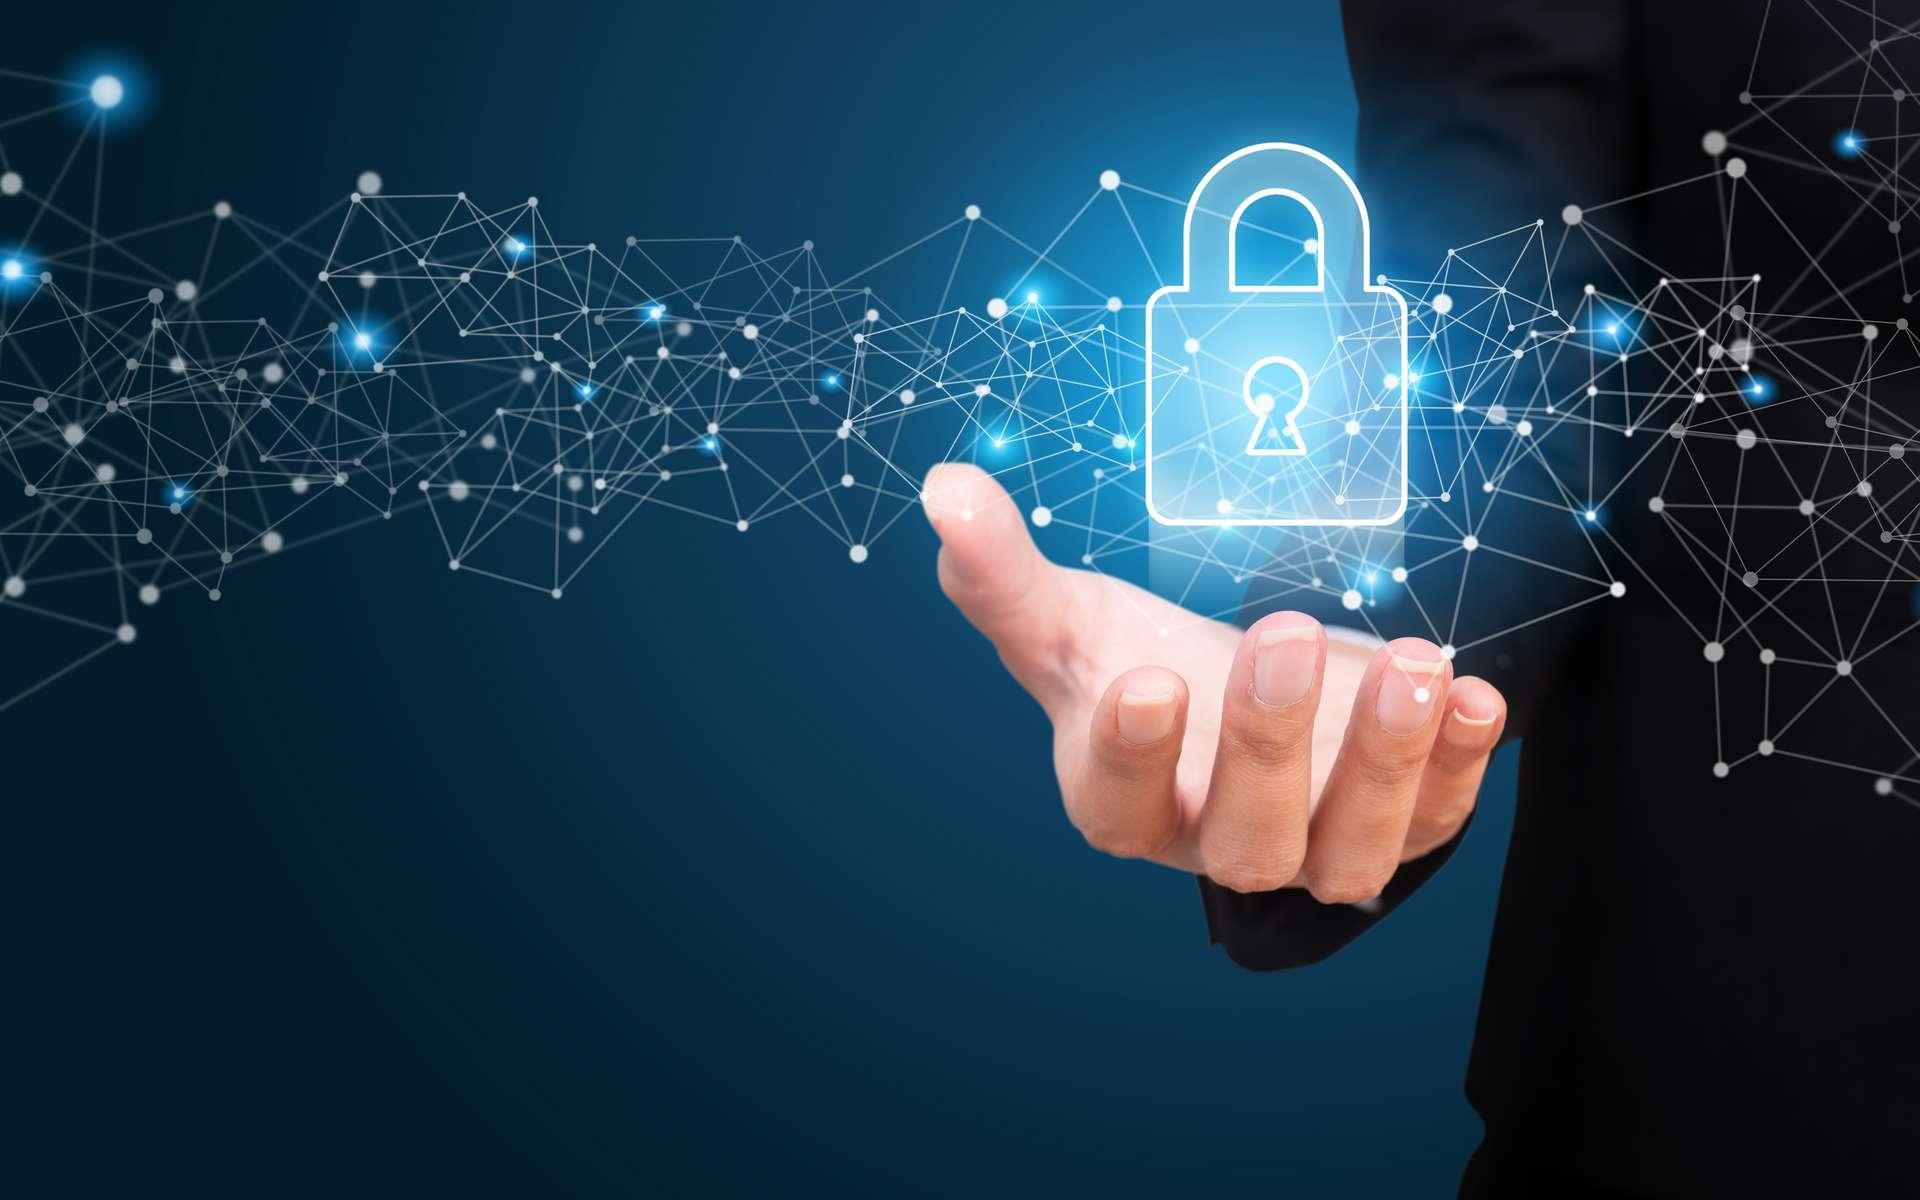 Le Split Tunneling permet de dédier le VPN à certaines applications, tout en laissant l'accès aux différents éléments partagés sur un réseau local. © Psdesign1, Fotolia